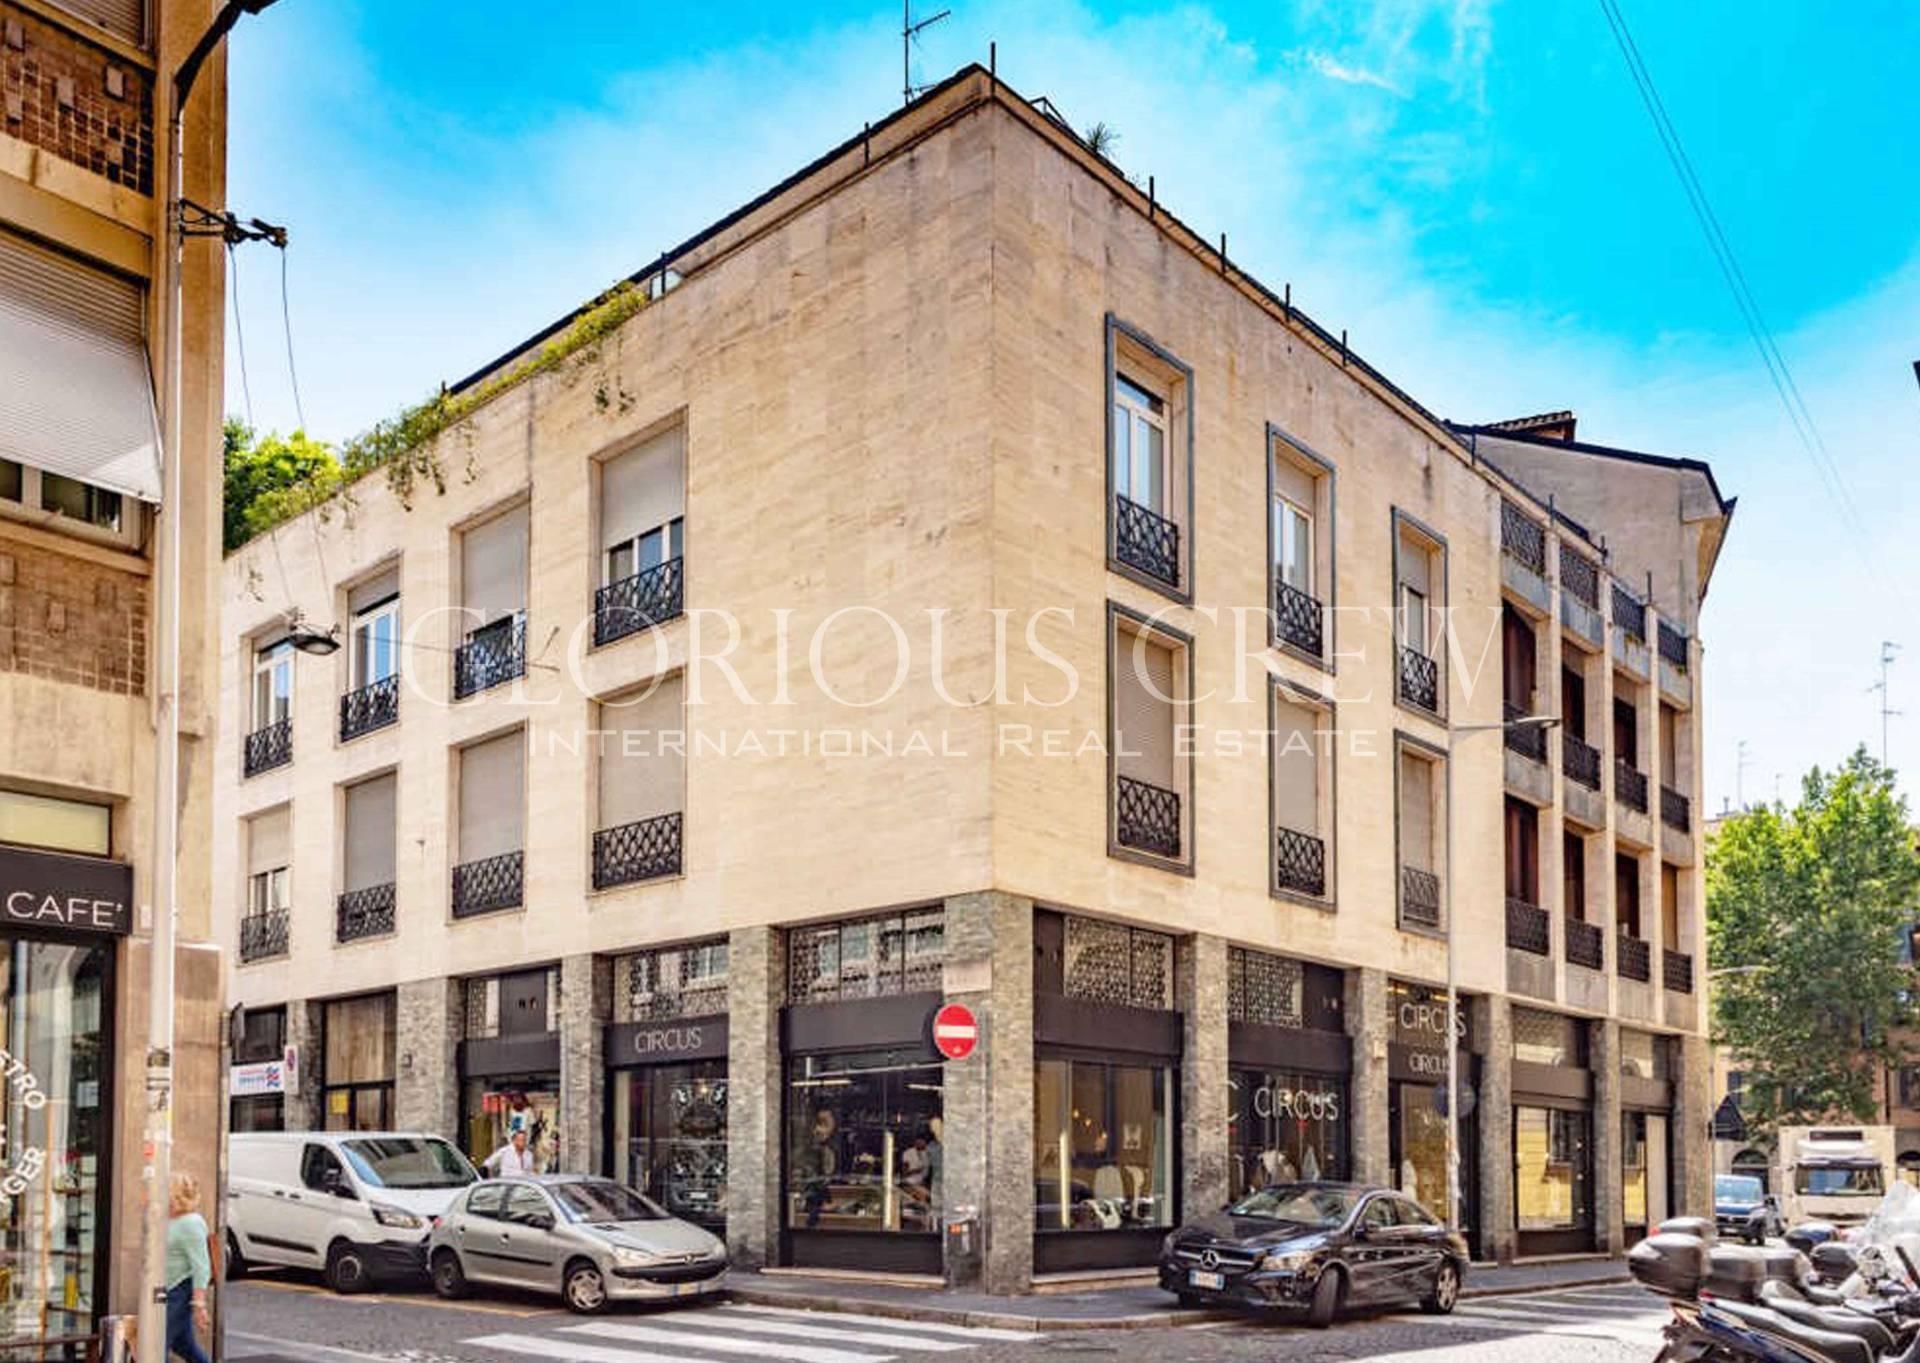 Negozio-locale in Affitto a Milano 01 Centro storico (Cerchia dei Navigli): 4 locali, 153 mq